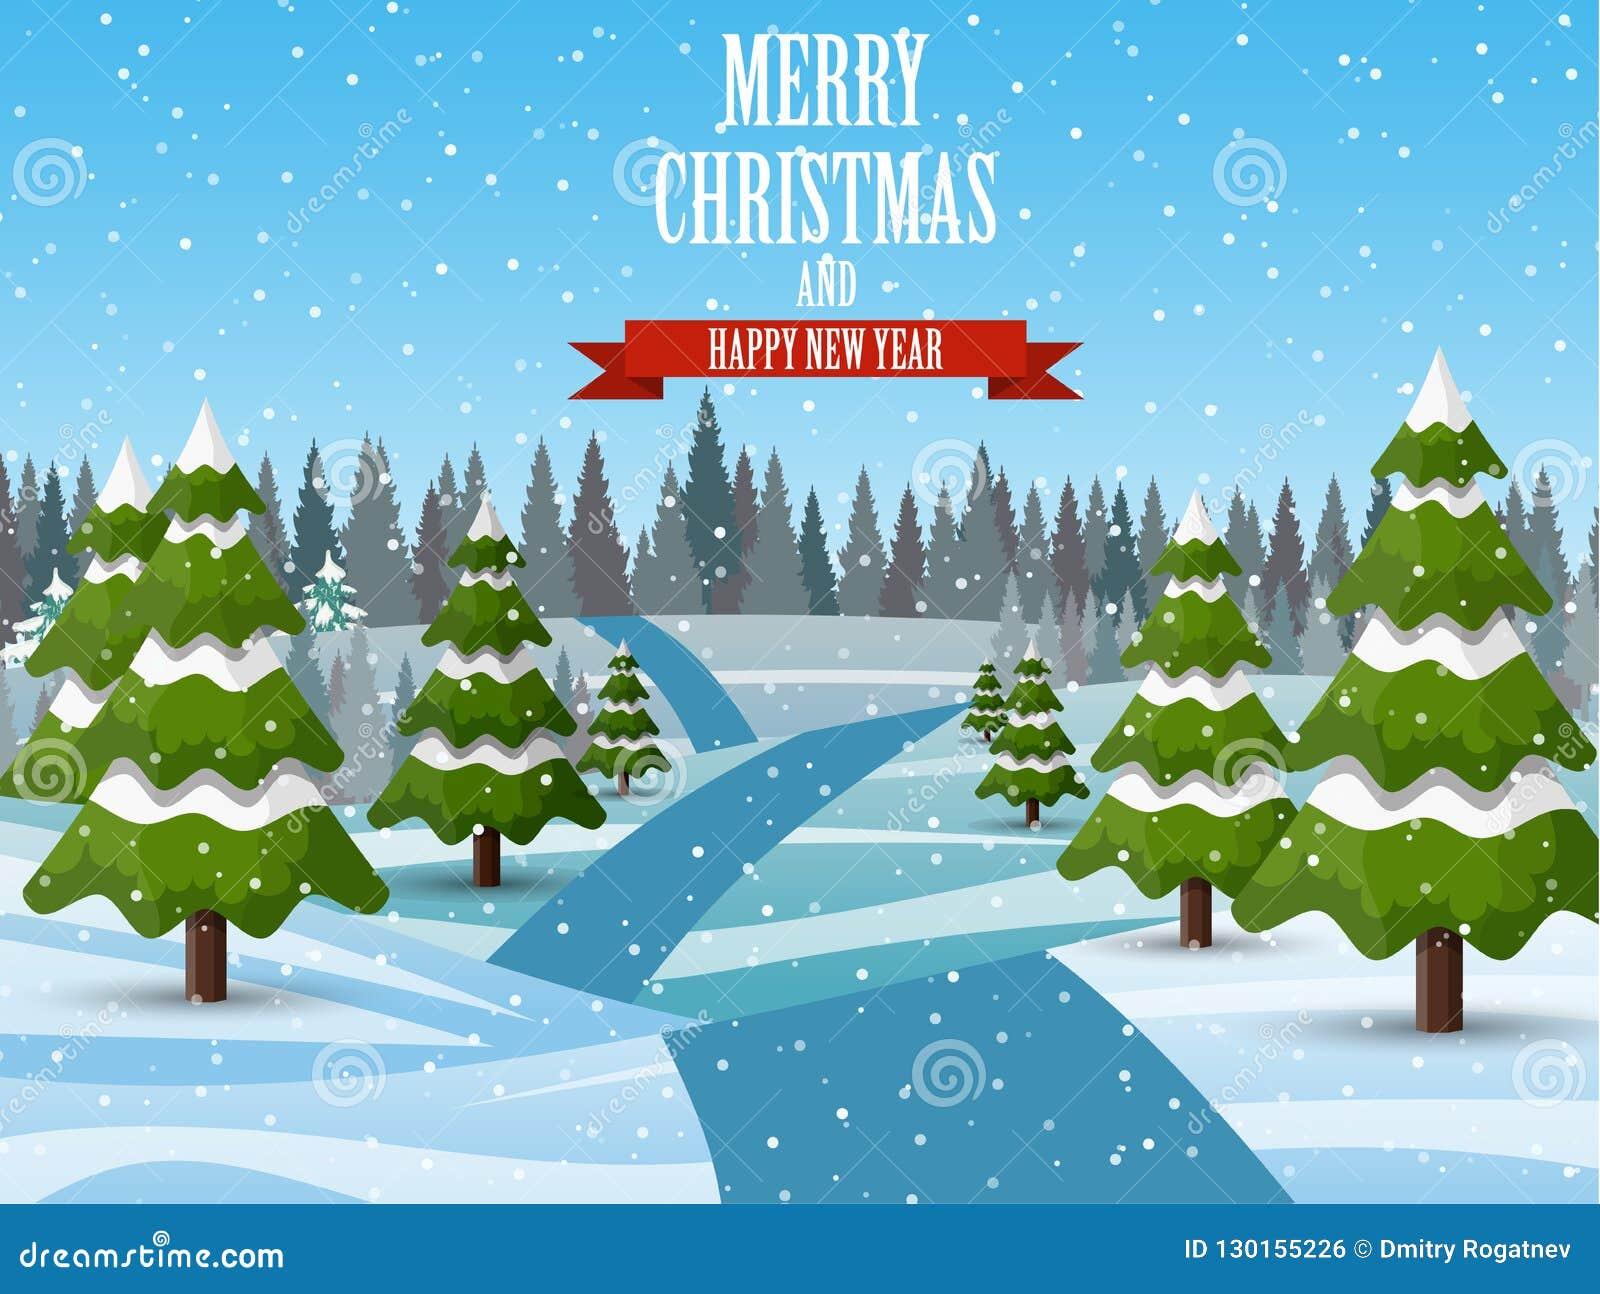 Immagini Di Natale Paesaggi.Fondo Del Paesaggio Di Natale Con Neve E L Albero